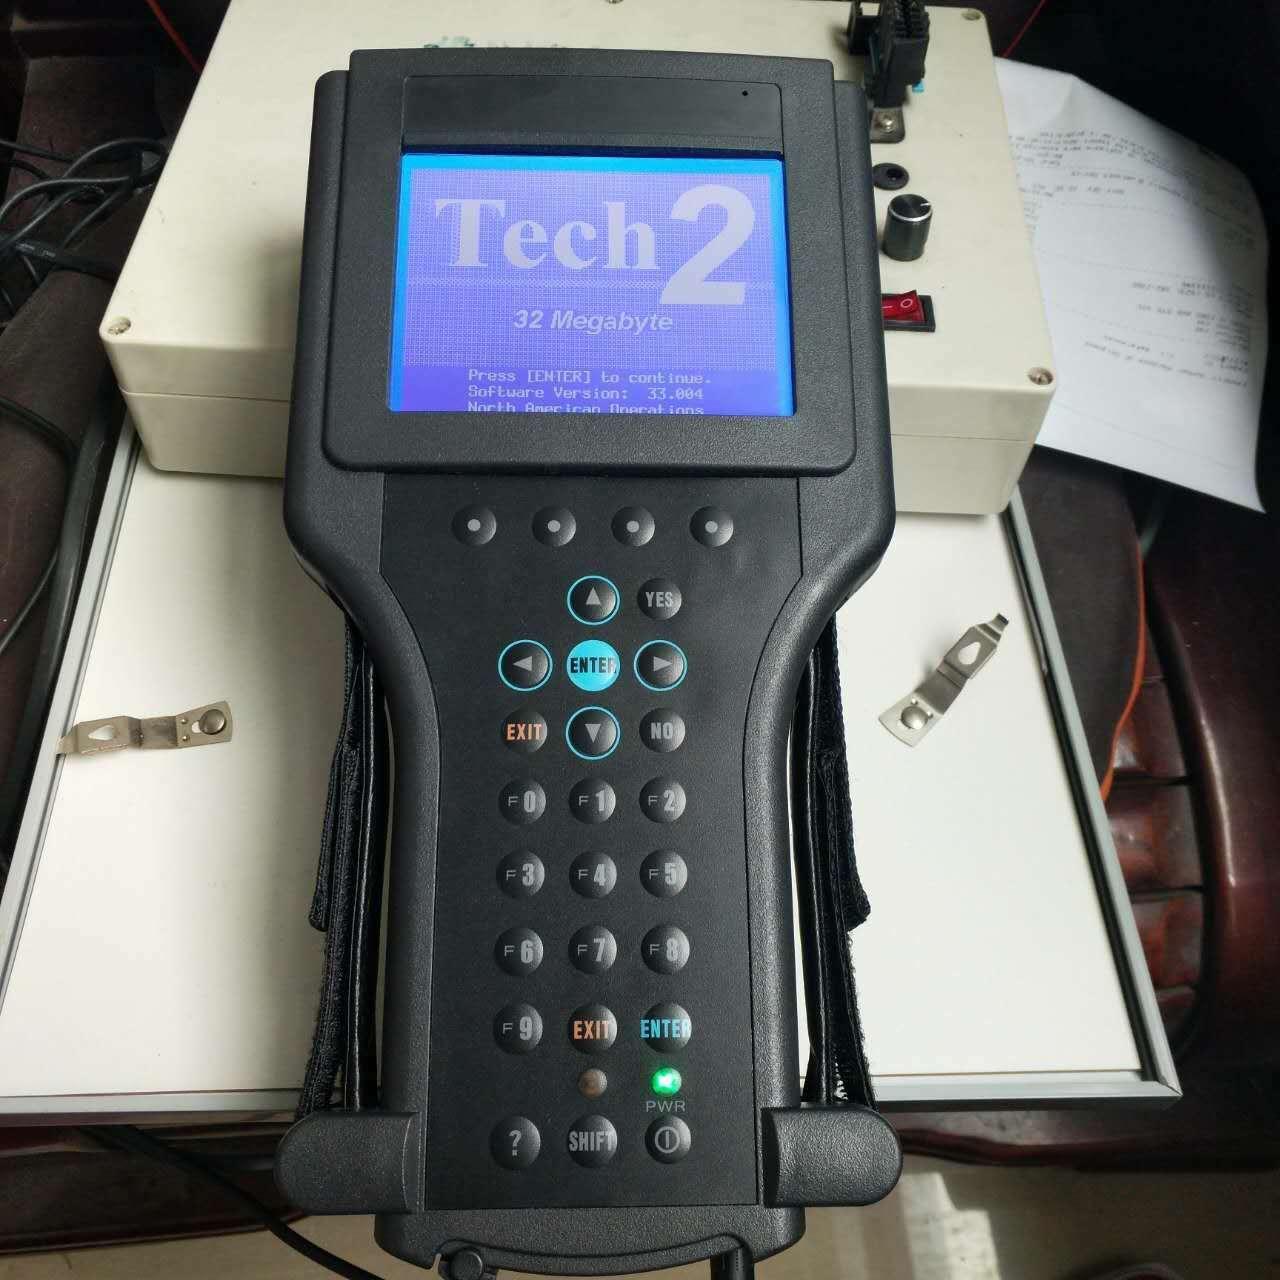 Vetronix Tech 2 Clone Craigslist GM Tech 2 Scanner With Tech